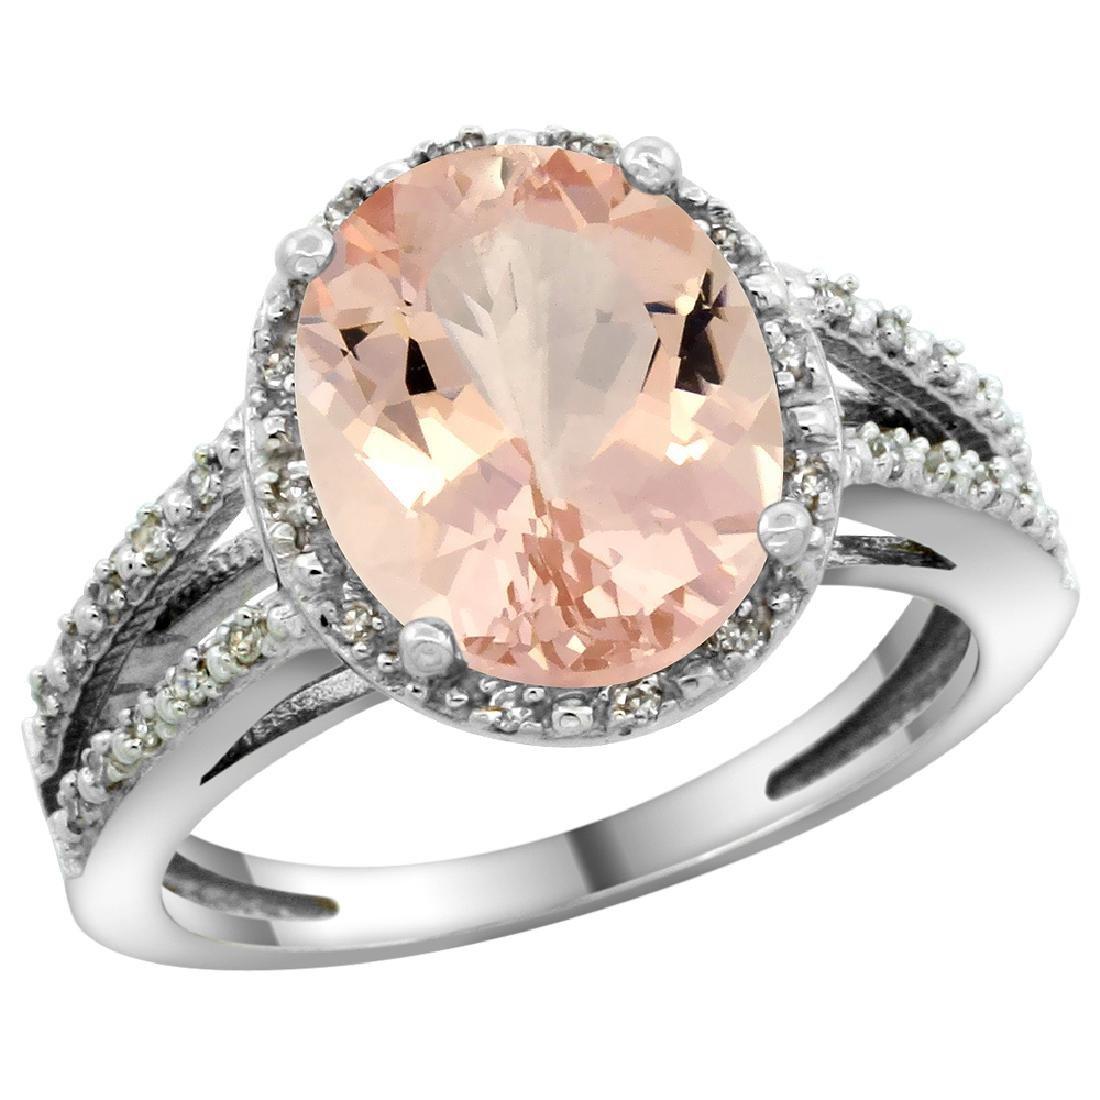 Natural 3.09 ctw Morganite & Diamond Engagement Ring